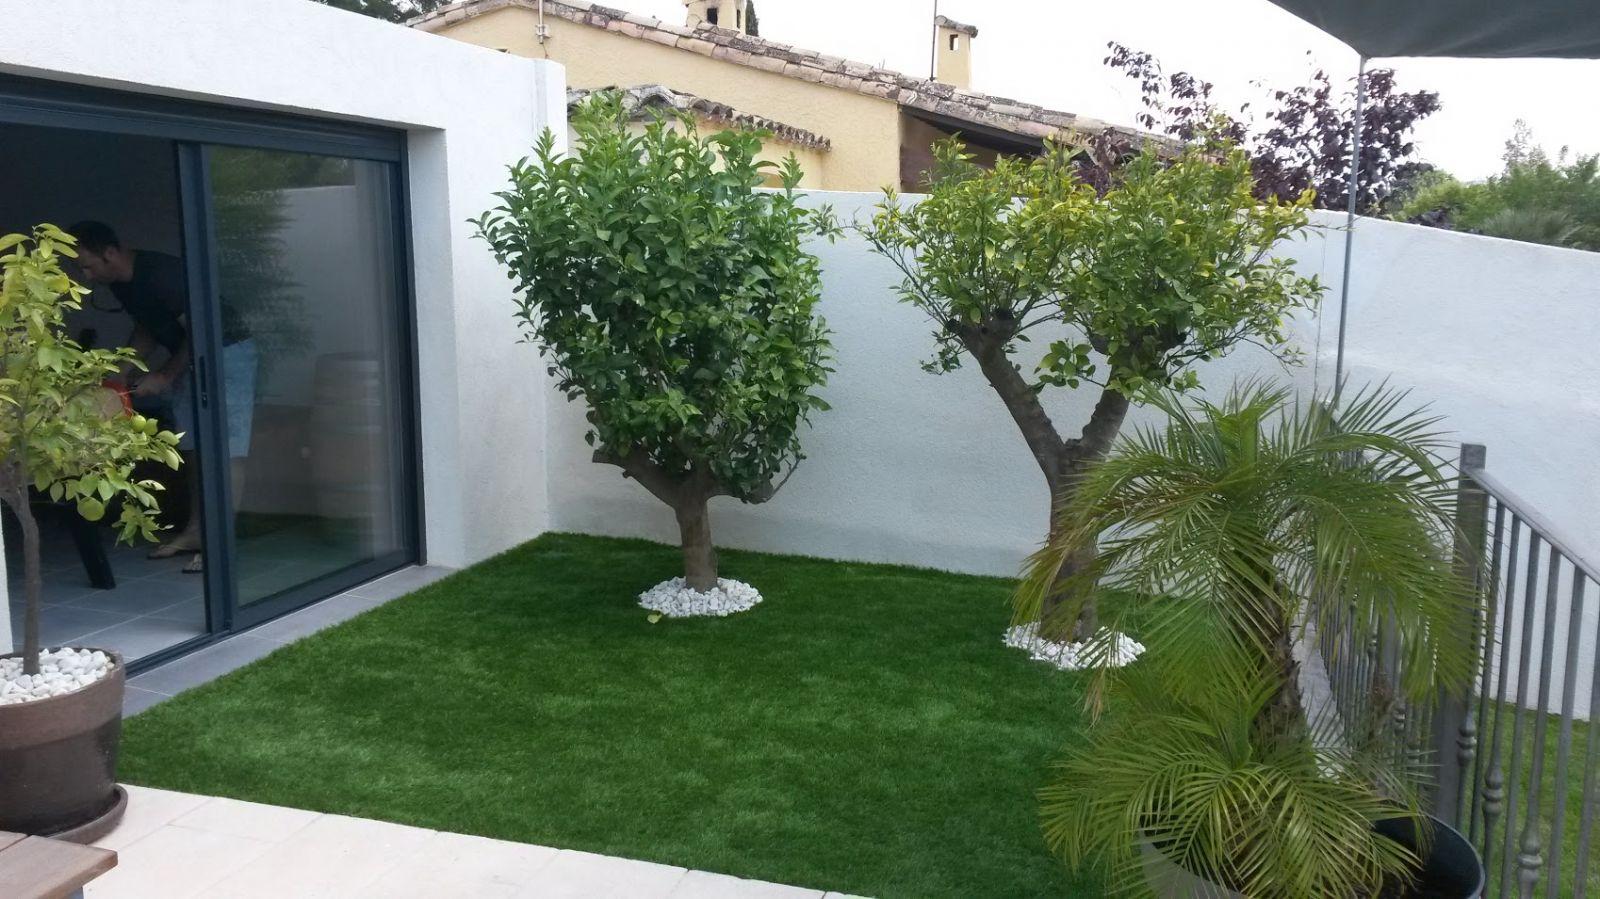 Aménagement Jardin Avec Gazon Synthétique, Marignane - Vente ... encequiconcerne Aménagement Jardin Pas Cher